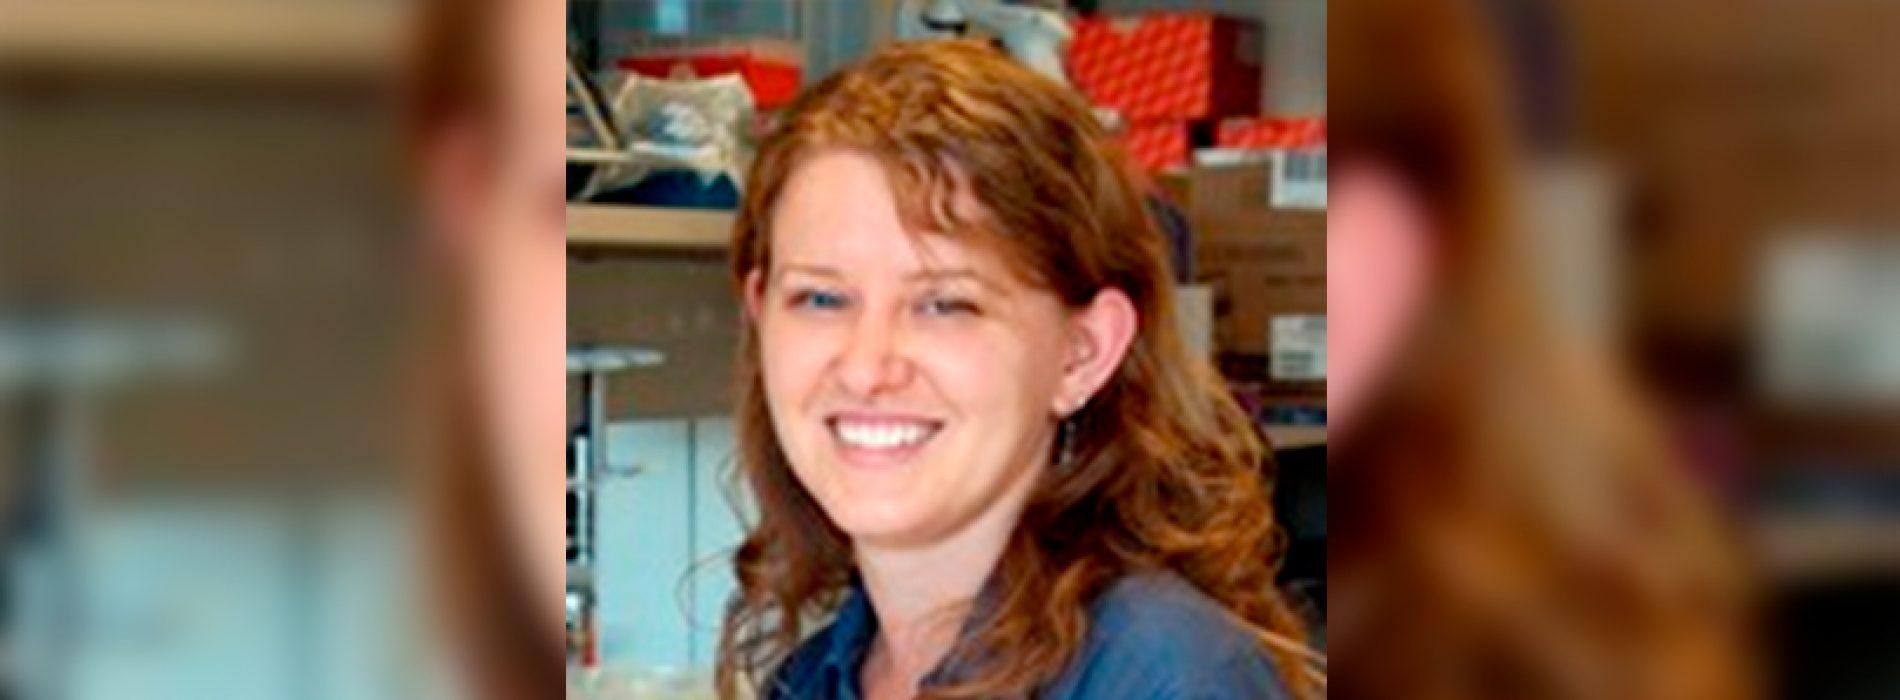 Stacy Horner, charlista confirmada a XLI Reunión Anual de la Sociedad de Bioquímica y Biología Molecular de Chile, 25 al 28 de septiembre 2018, Iquique, Chile